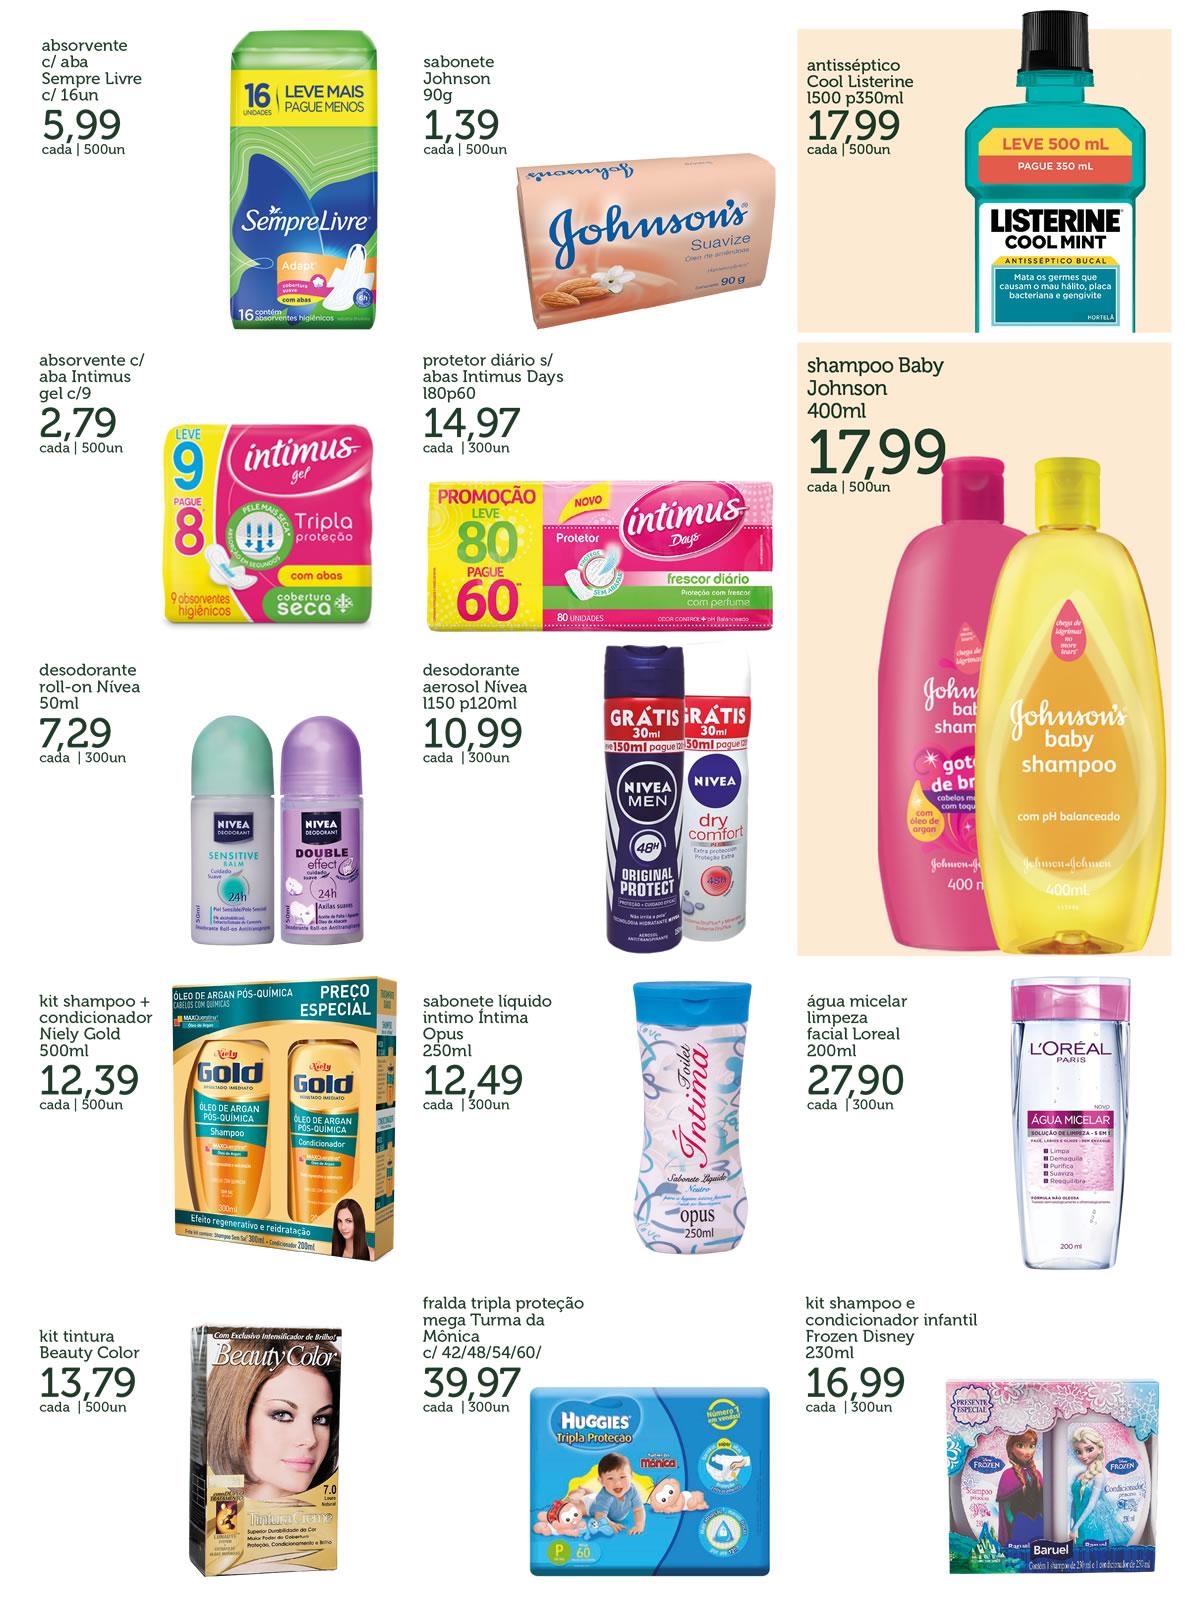 caita_supermercados_tabloide_junho2018_joacaba16